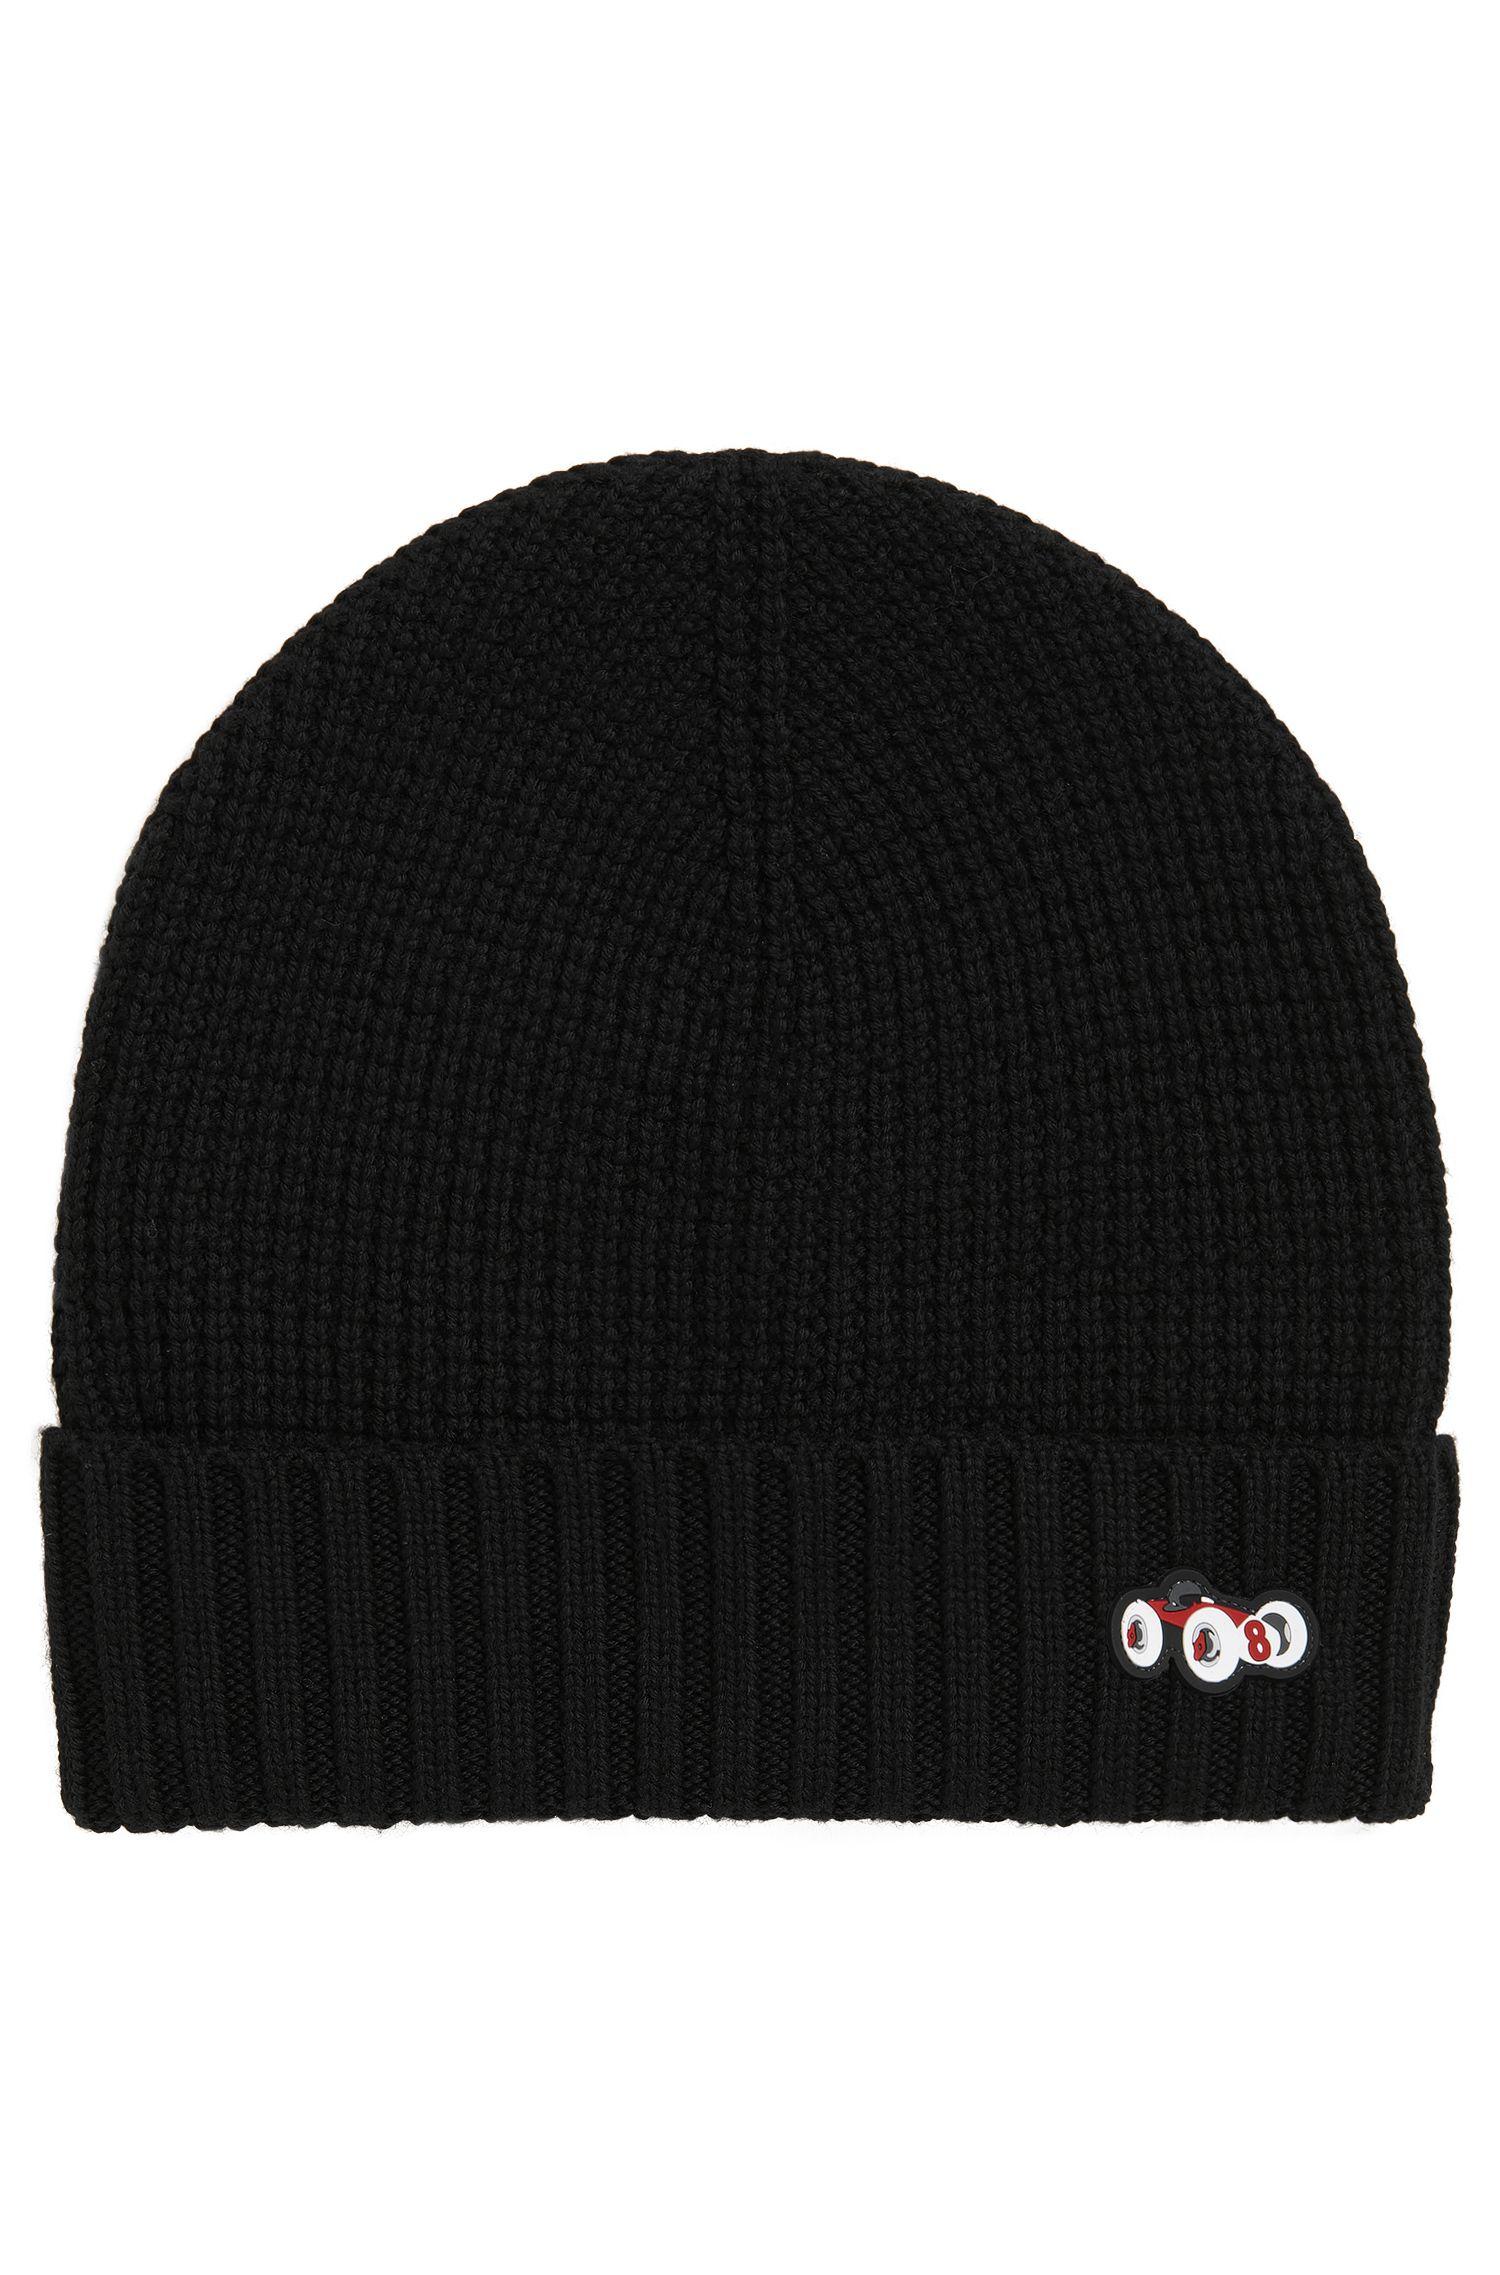 Mütze aus schwerer Schurwolle mit Rennwagen-Motiv